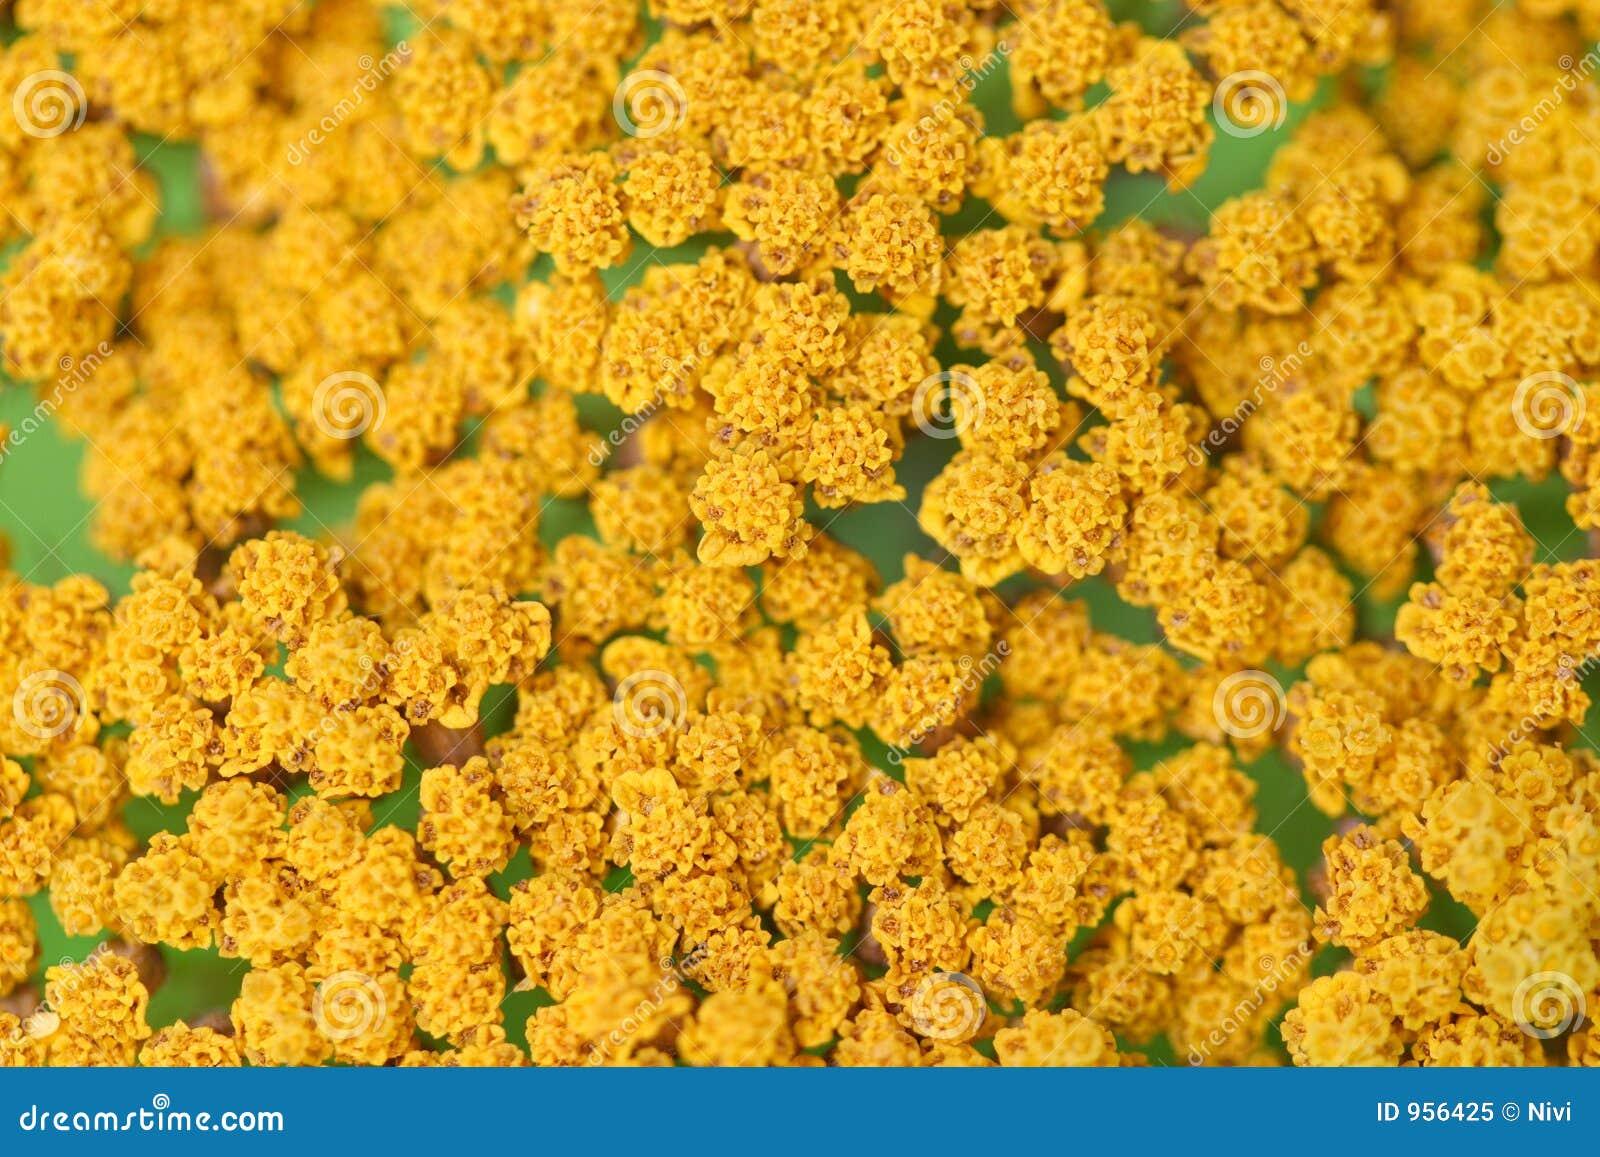 Yellow Flowers Stock Image Image Of Bunch Macro Background 956425